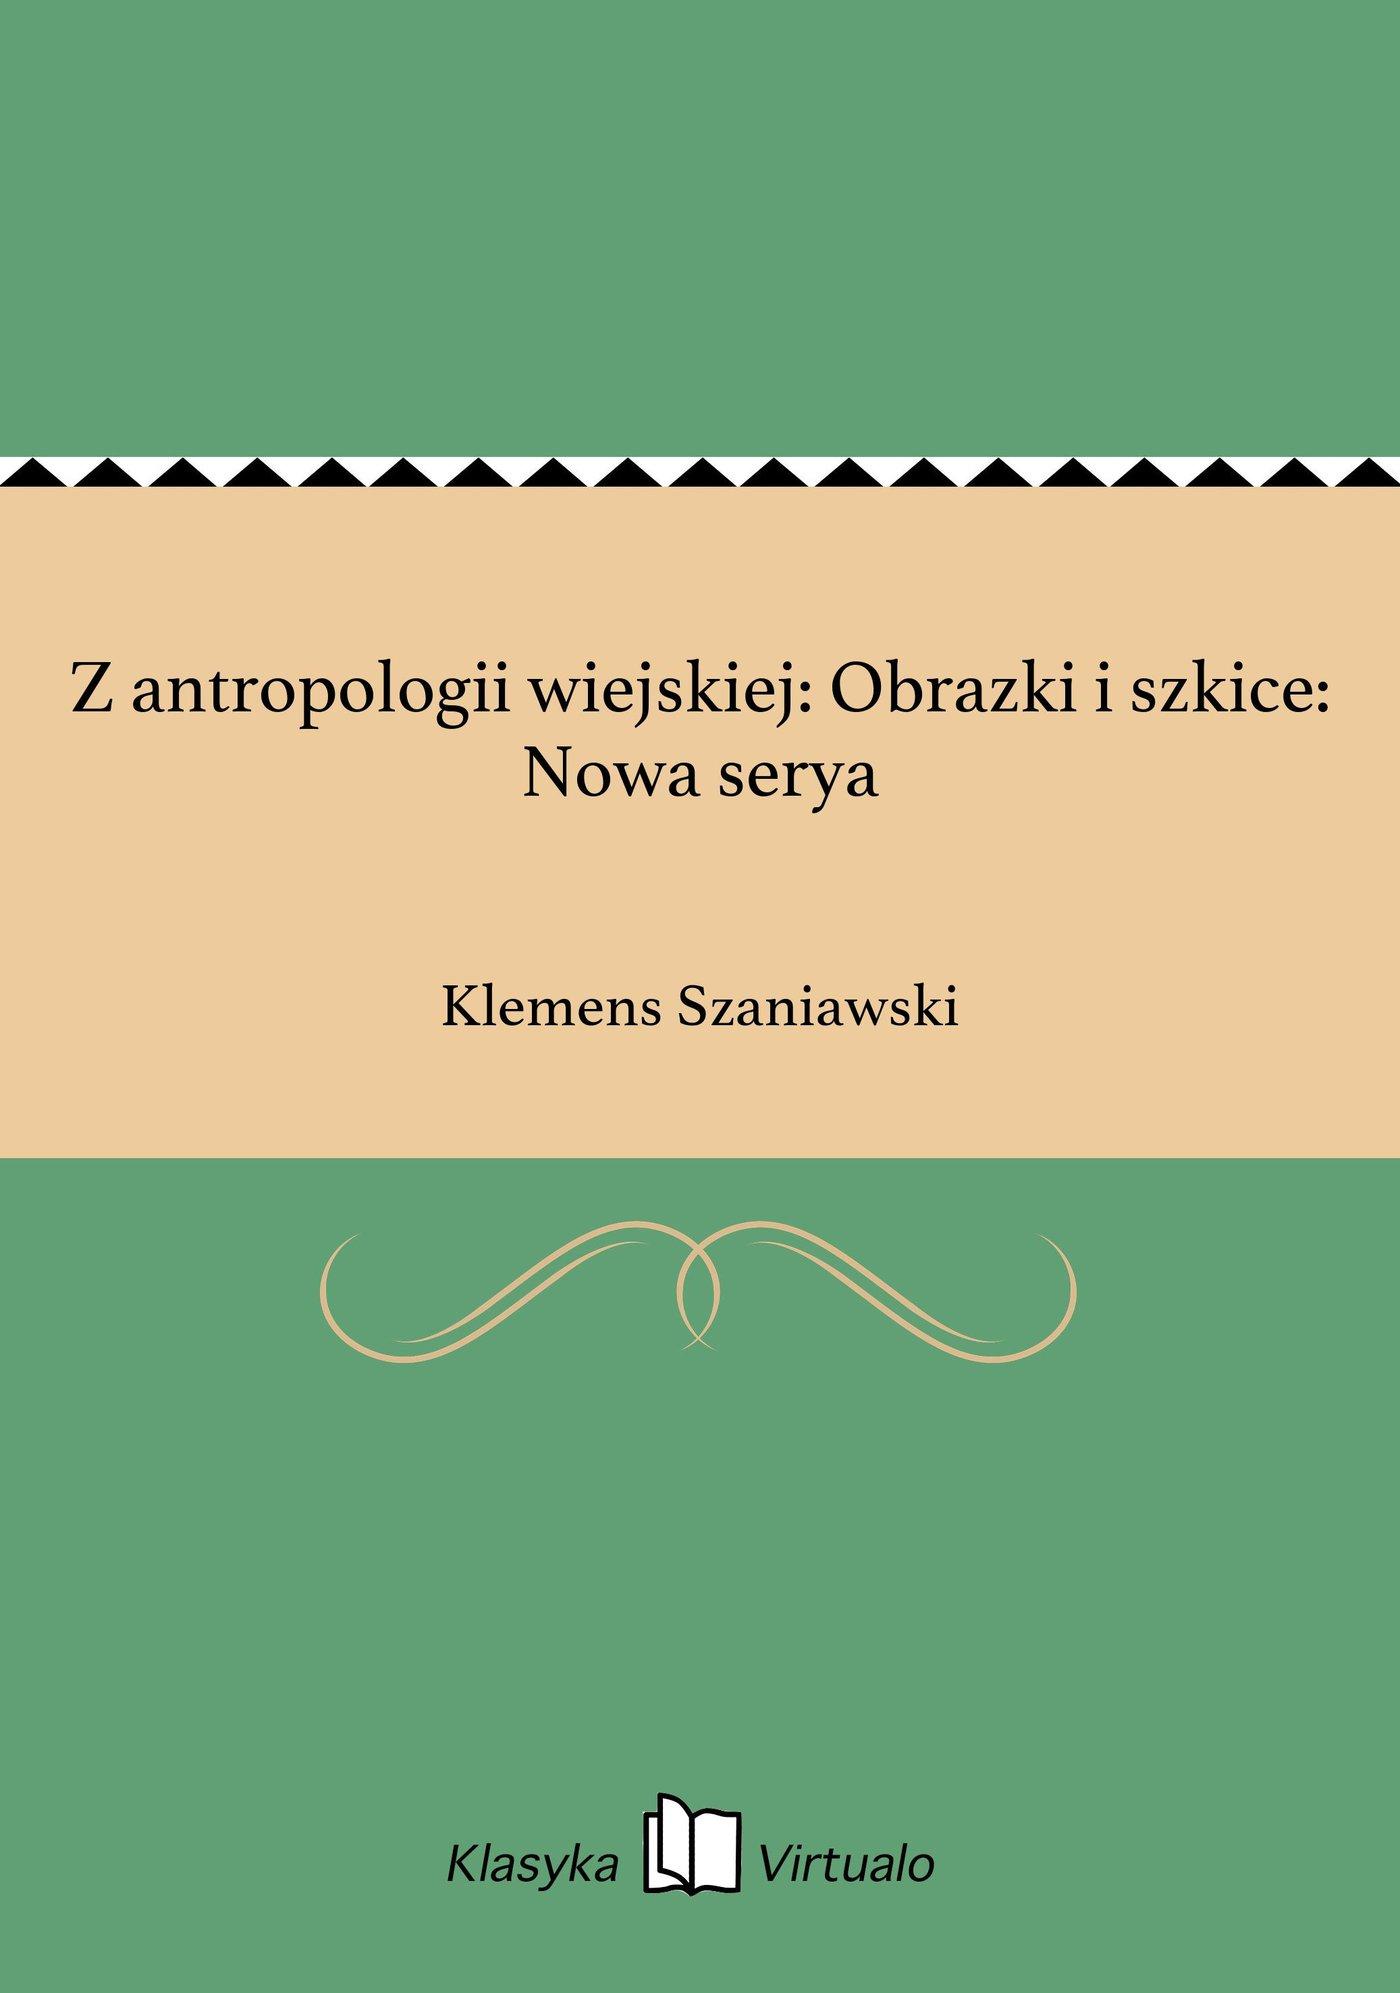 Z antropologii wiejskiej: Obrazki i szkice: Nowa serya - Ebook (Książka EPUB) do pobrania w formacie EPUB